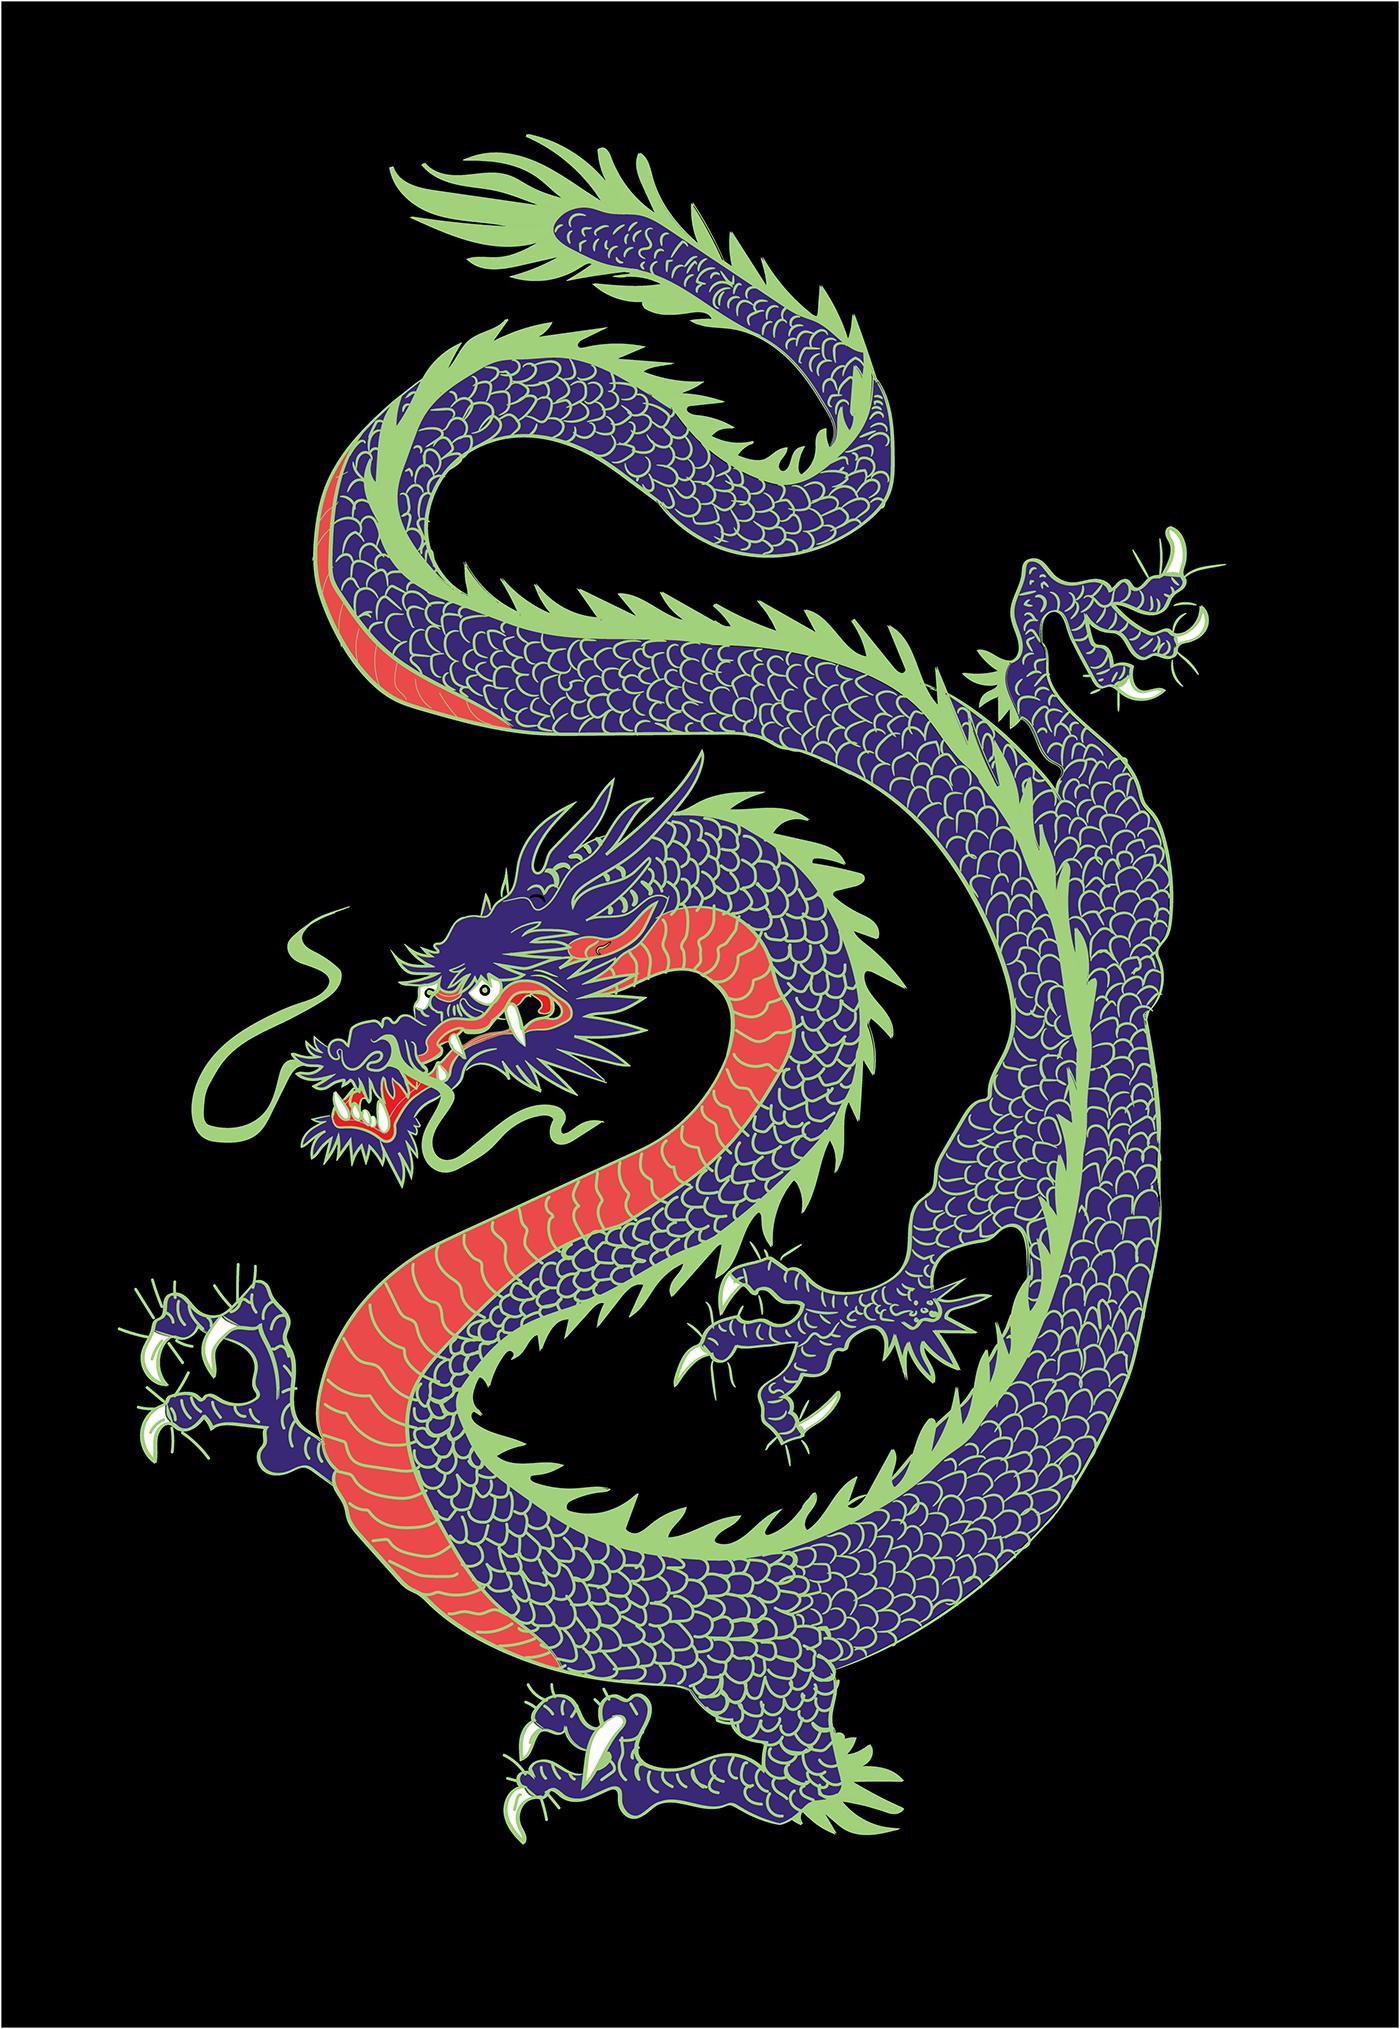 китайский дракон картинки для телефона можешь обалдеть